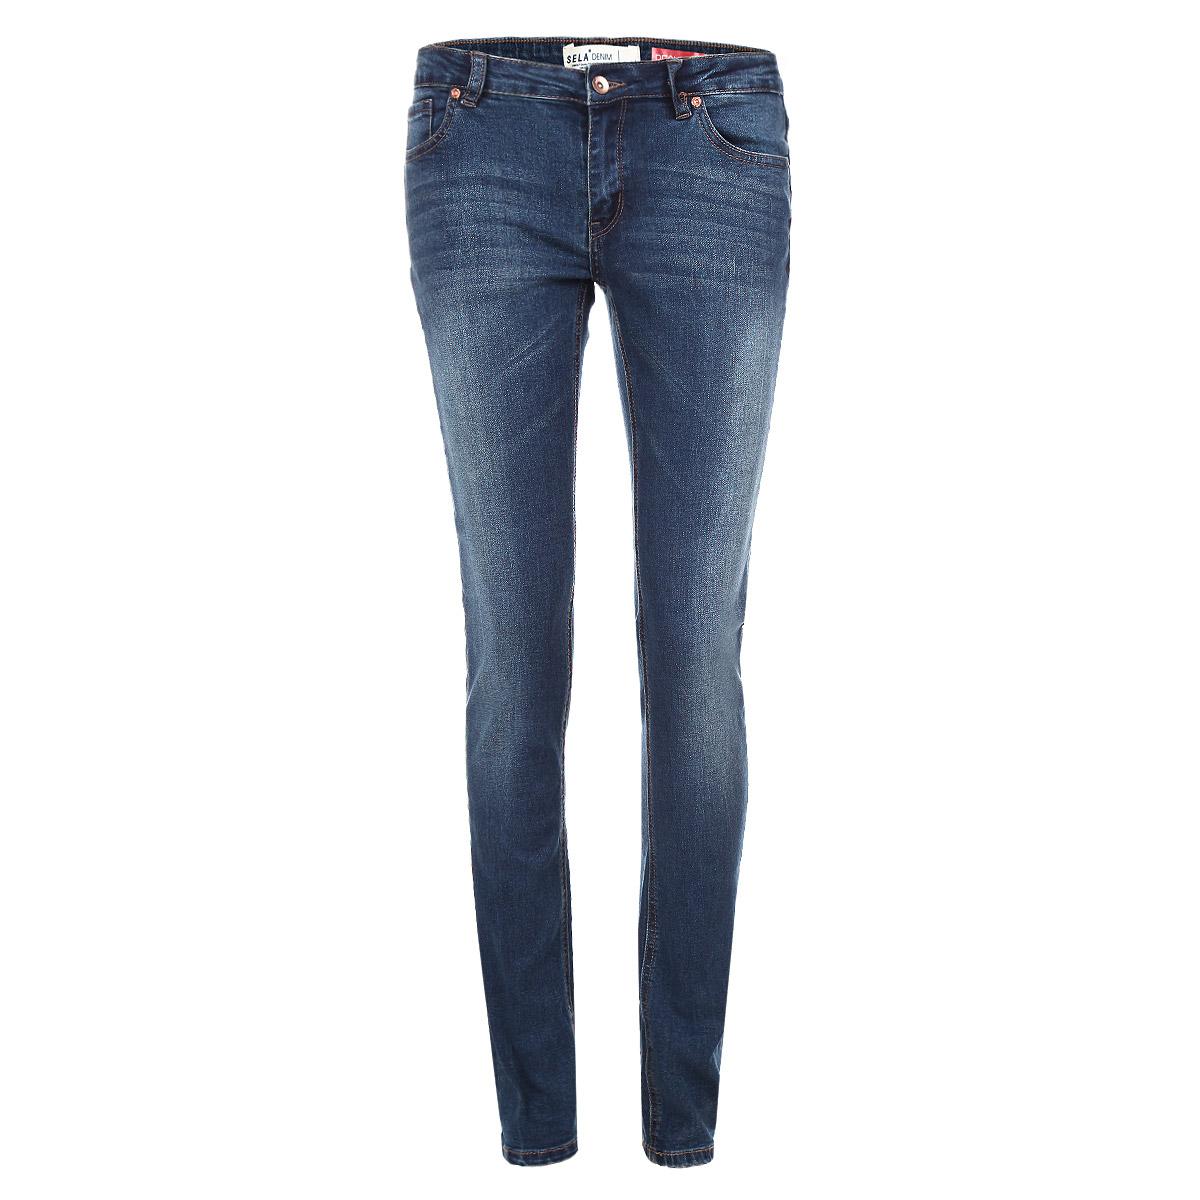 Джинсы женские. PJ-135/465-5382PJ-135/465-5382Стильные женские джинсы Sela созданы специально для того, чтобы подчеркивать достоинства вашей фигуры. Модель зауженного кроя и средней посадки станет отличным дополнением к вашему современному образу. Джинсы застегиваются на пуговицу в поясе и ширинку на застежке-молнии, имеются шлевки для ремня. Спереди модель дополнена двумя втачными карманами и небольшим накладным кармашком, а сзади - двумя накладными карманами. Изделие оформлено тертым эффектом и контрастной отстрочкой. Эти модные и в тоже время комфортные джинсы послужат отличным дополнением к вашему гардеробу.